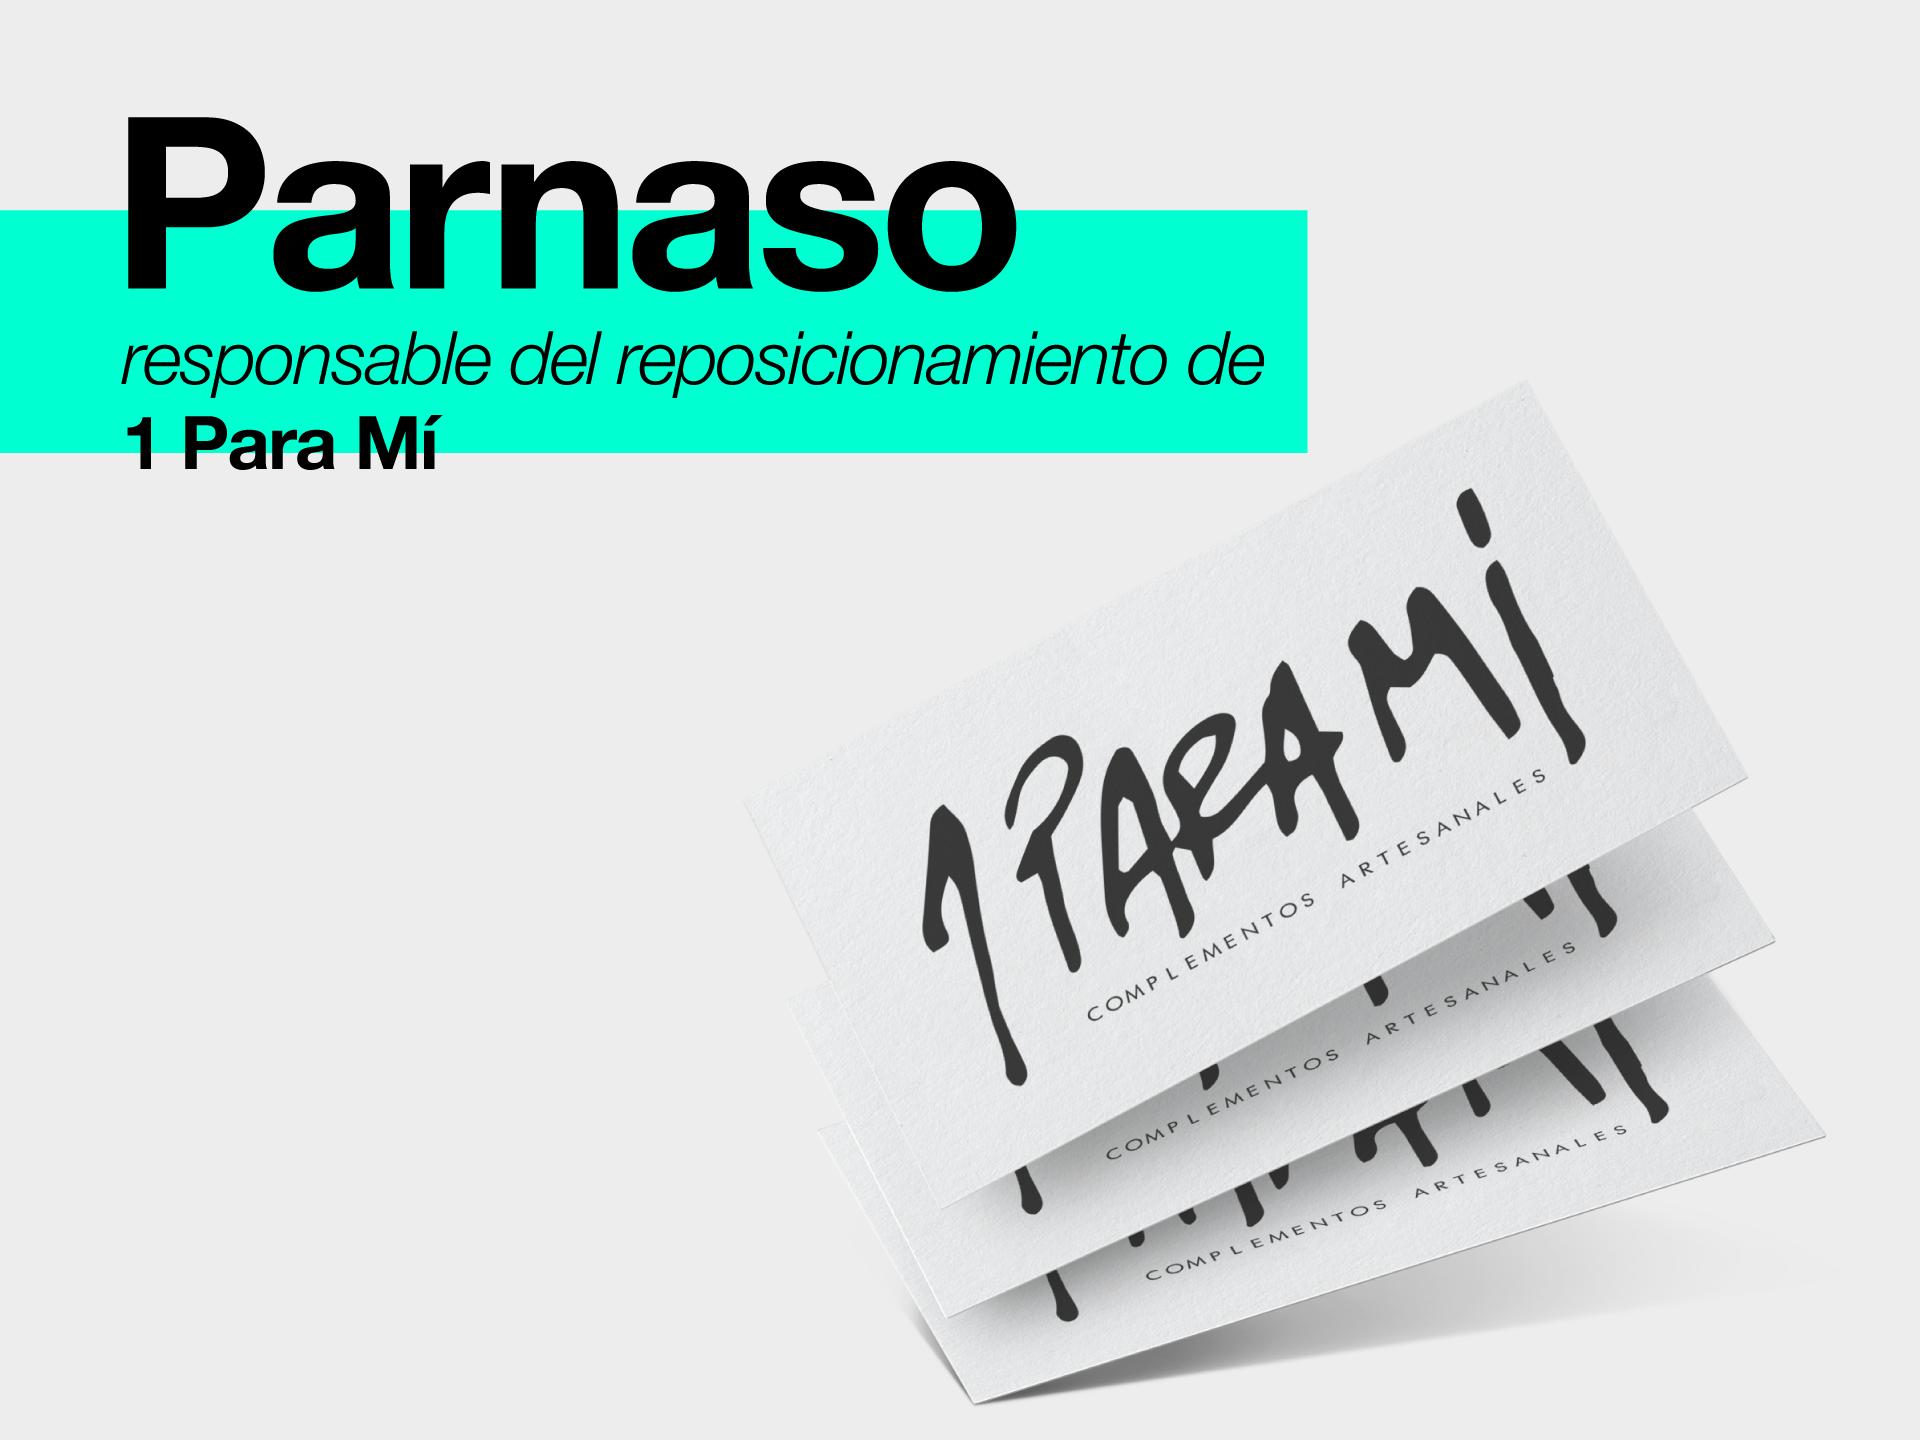 Parnaso, responsable del reposicionamiento de 1ParaMí - Parnaso